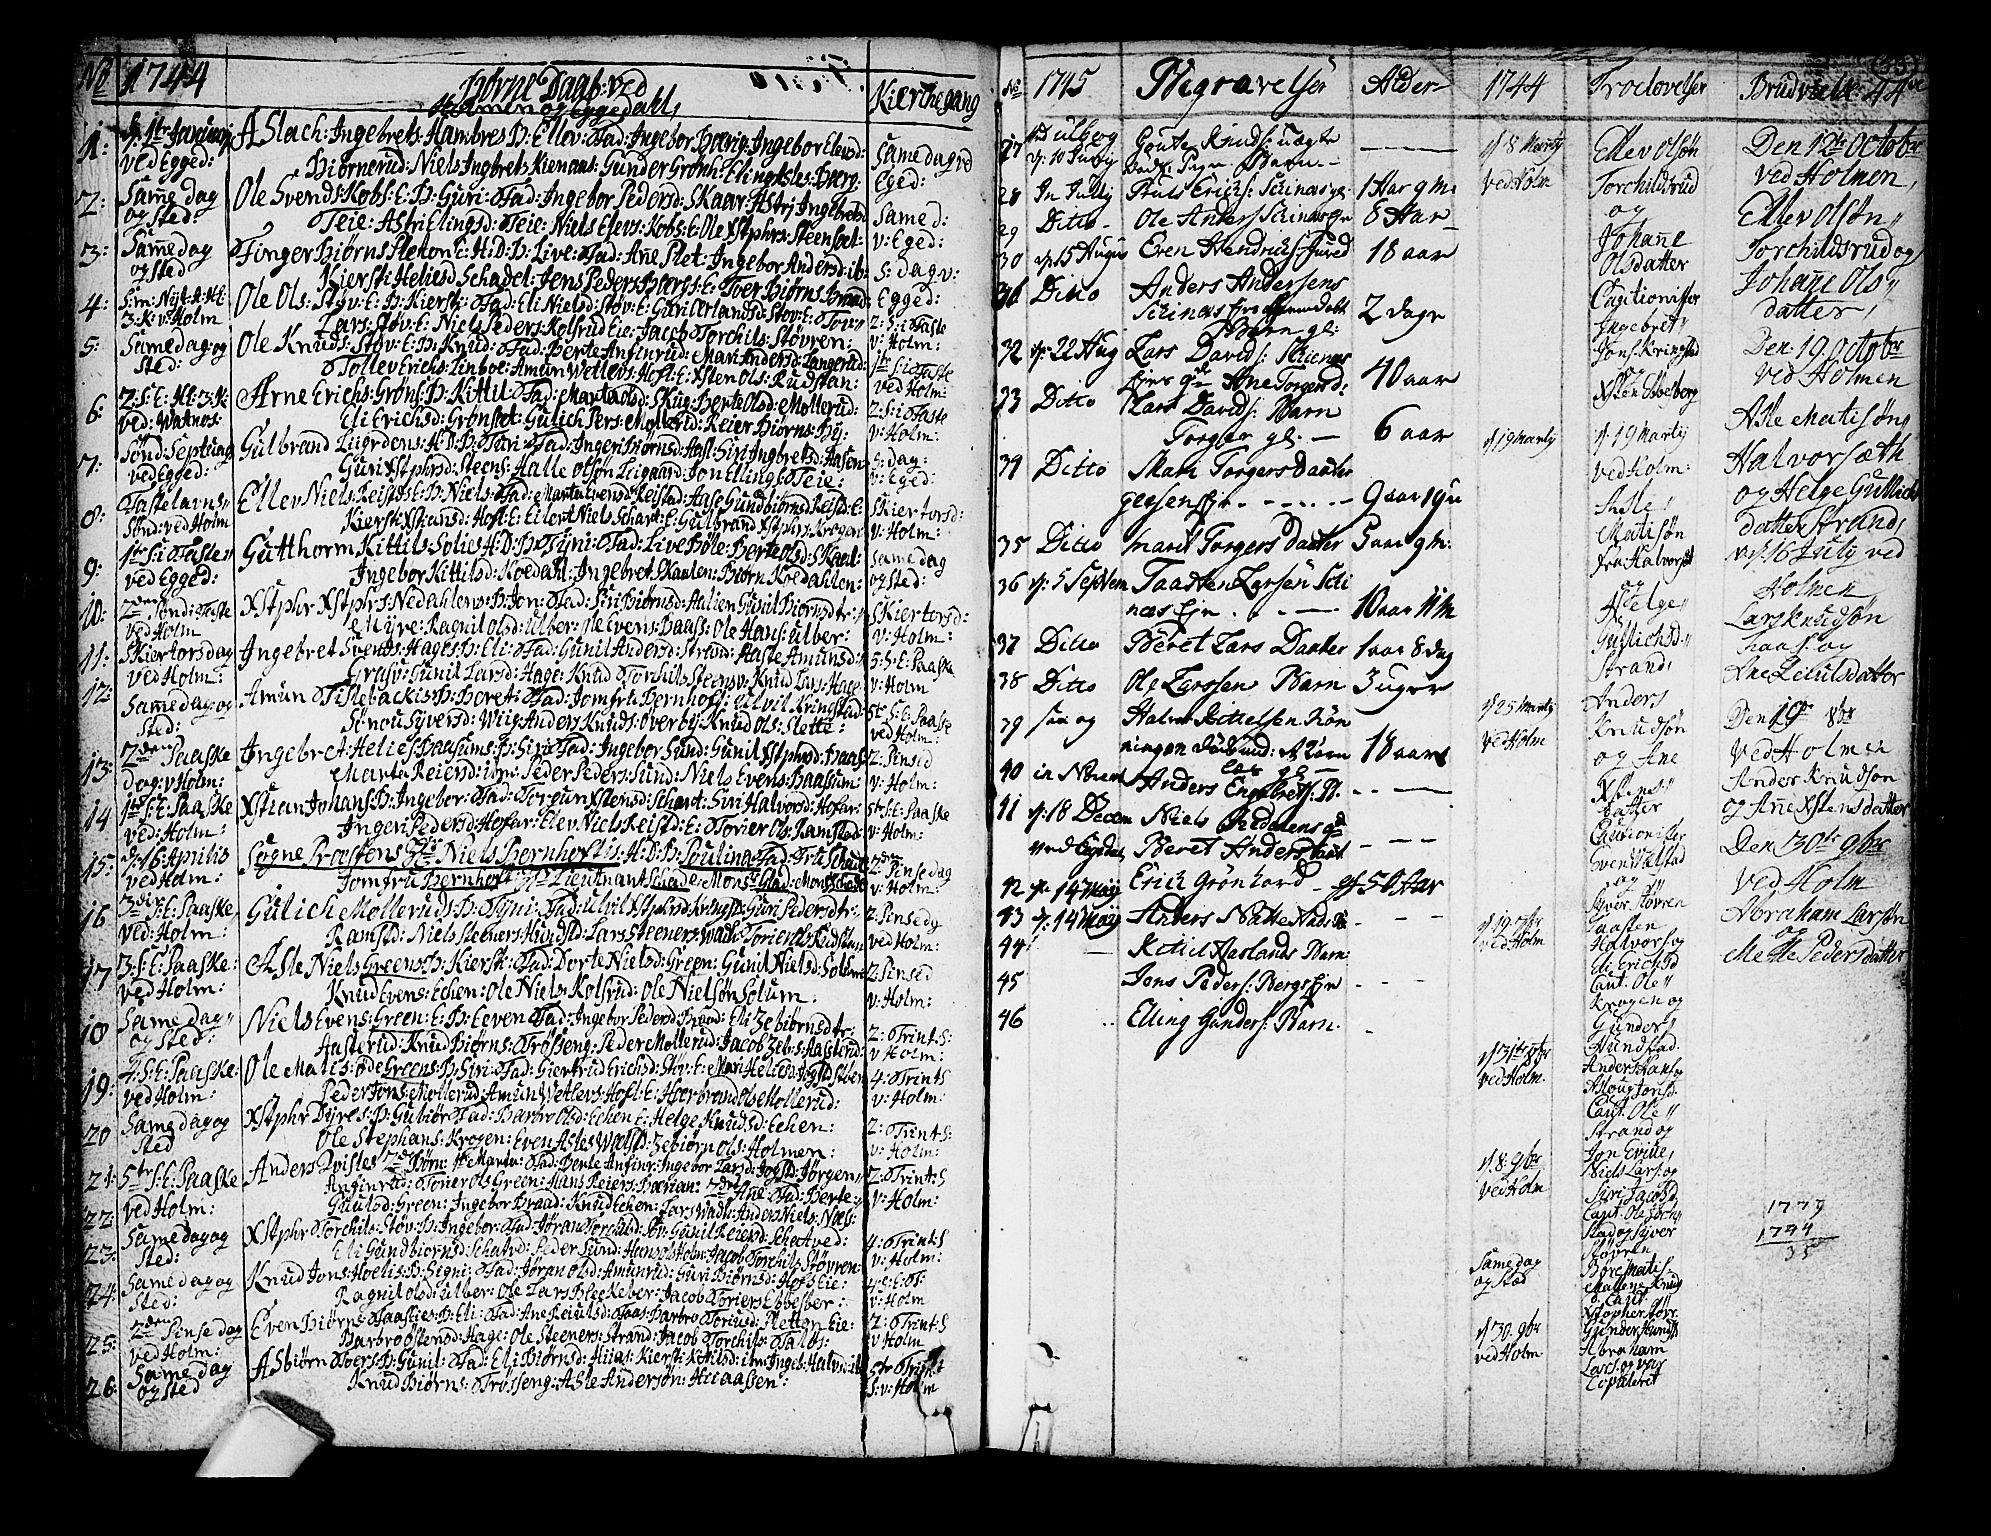 SAKO, Sigdal kirkebøker, F/Fa/L0001: Ministerialbok nr. I 1, 1722-1777, s. 53